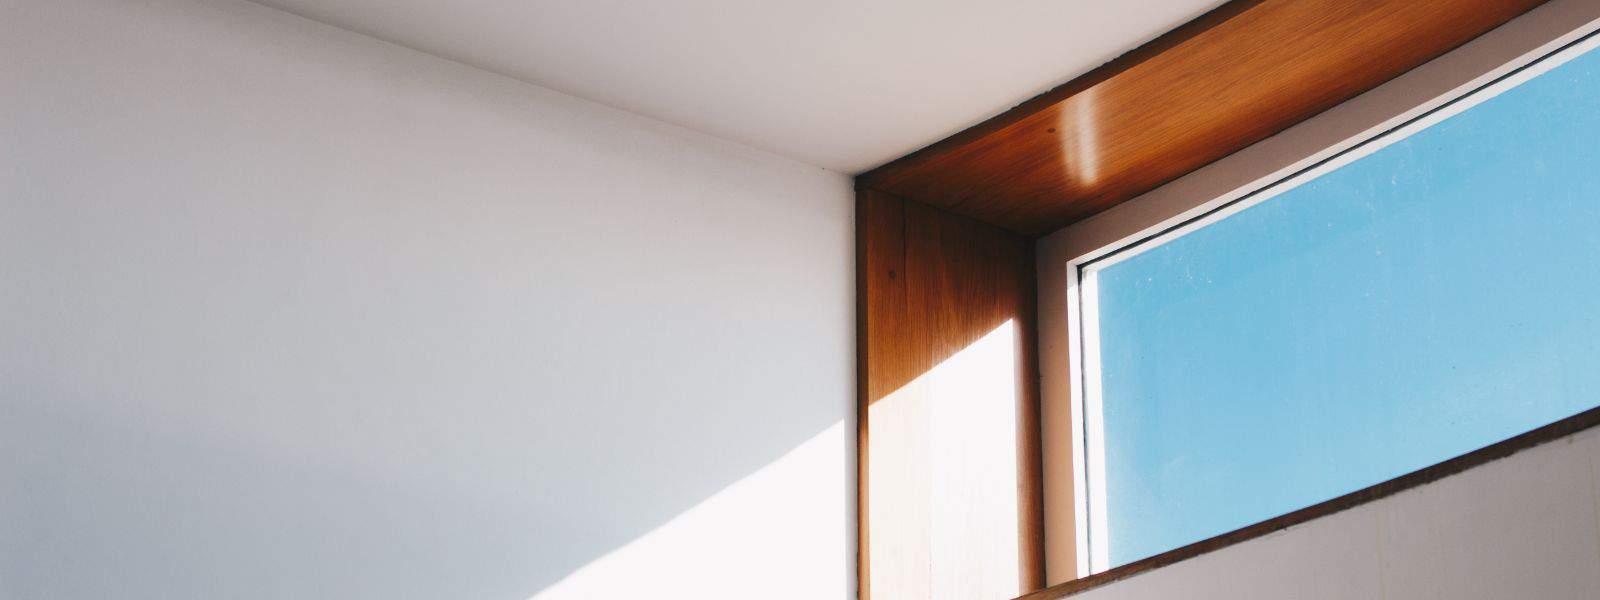 Fenster kaufen auf restado